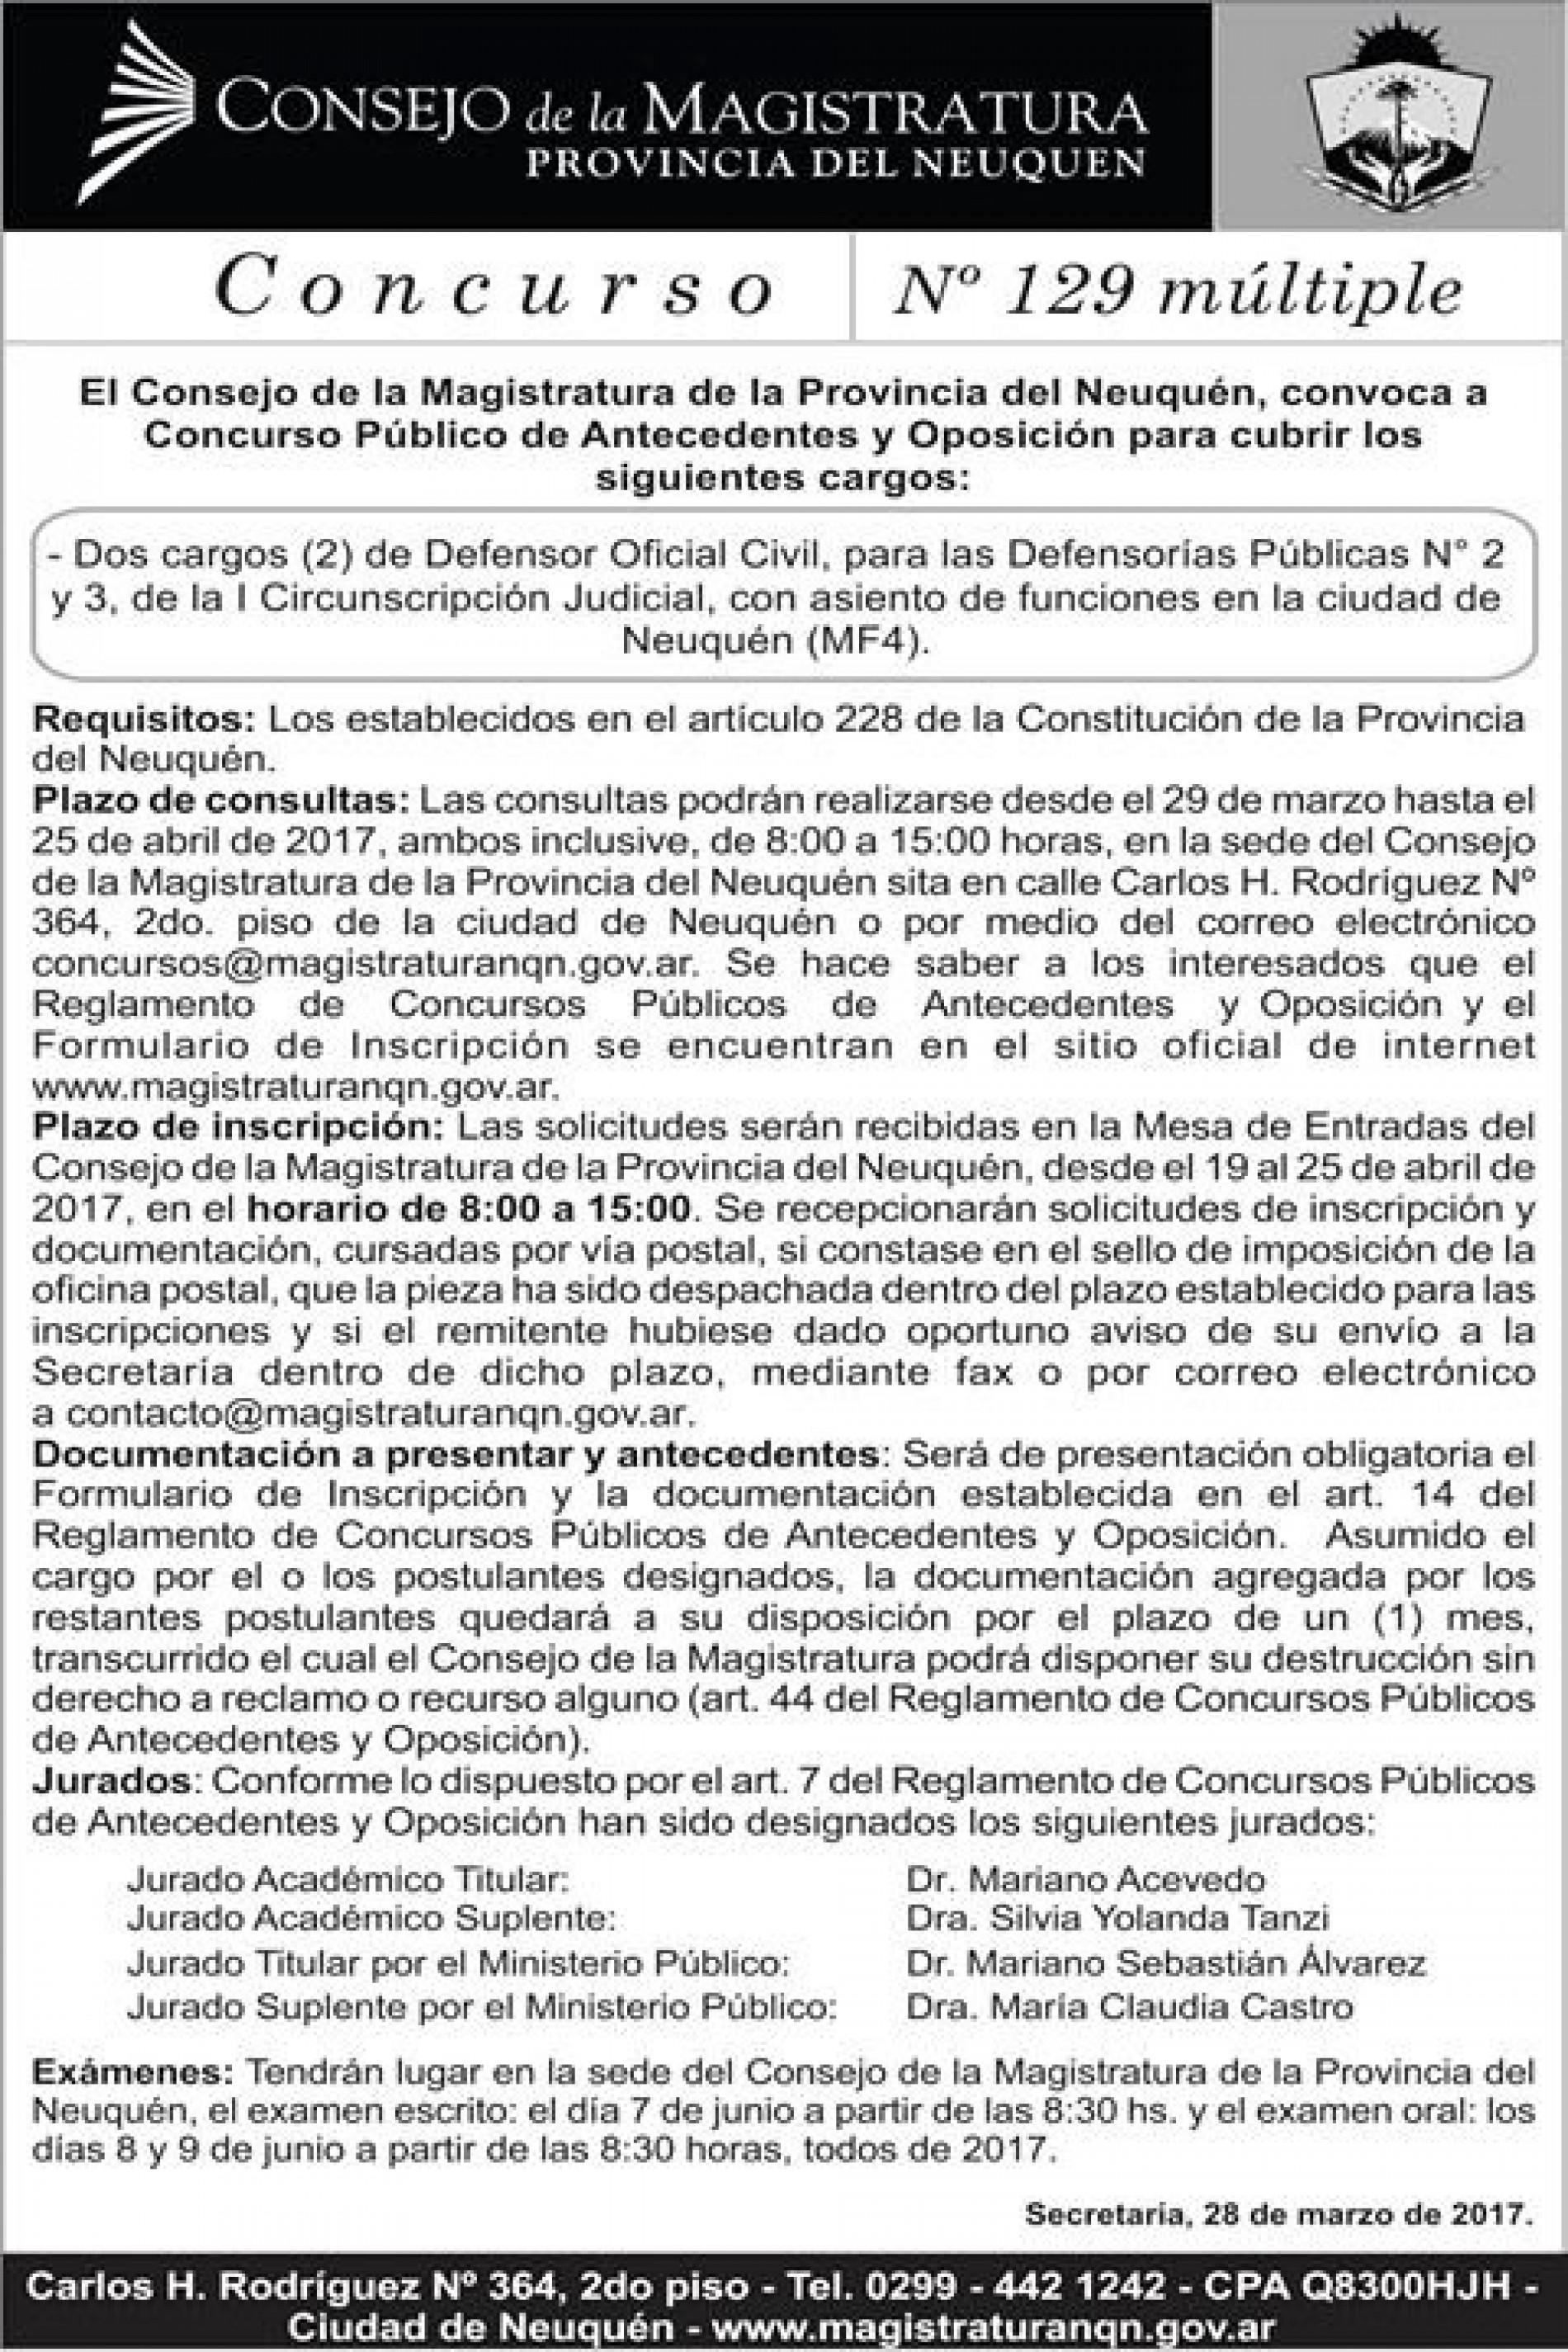 Consejo de la Magistratura de Neuquén- Convocatoria a Concurso Nº 129